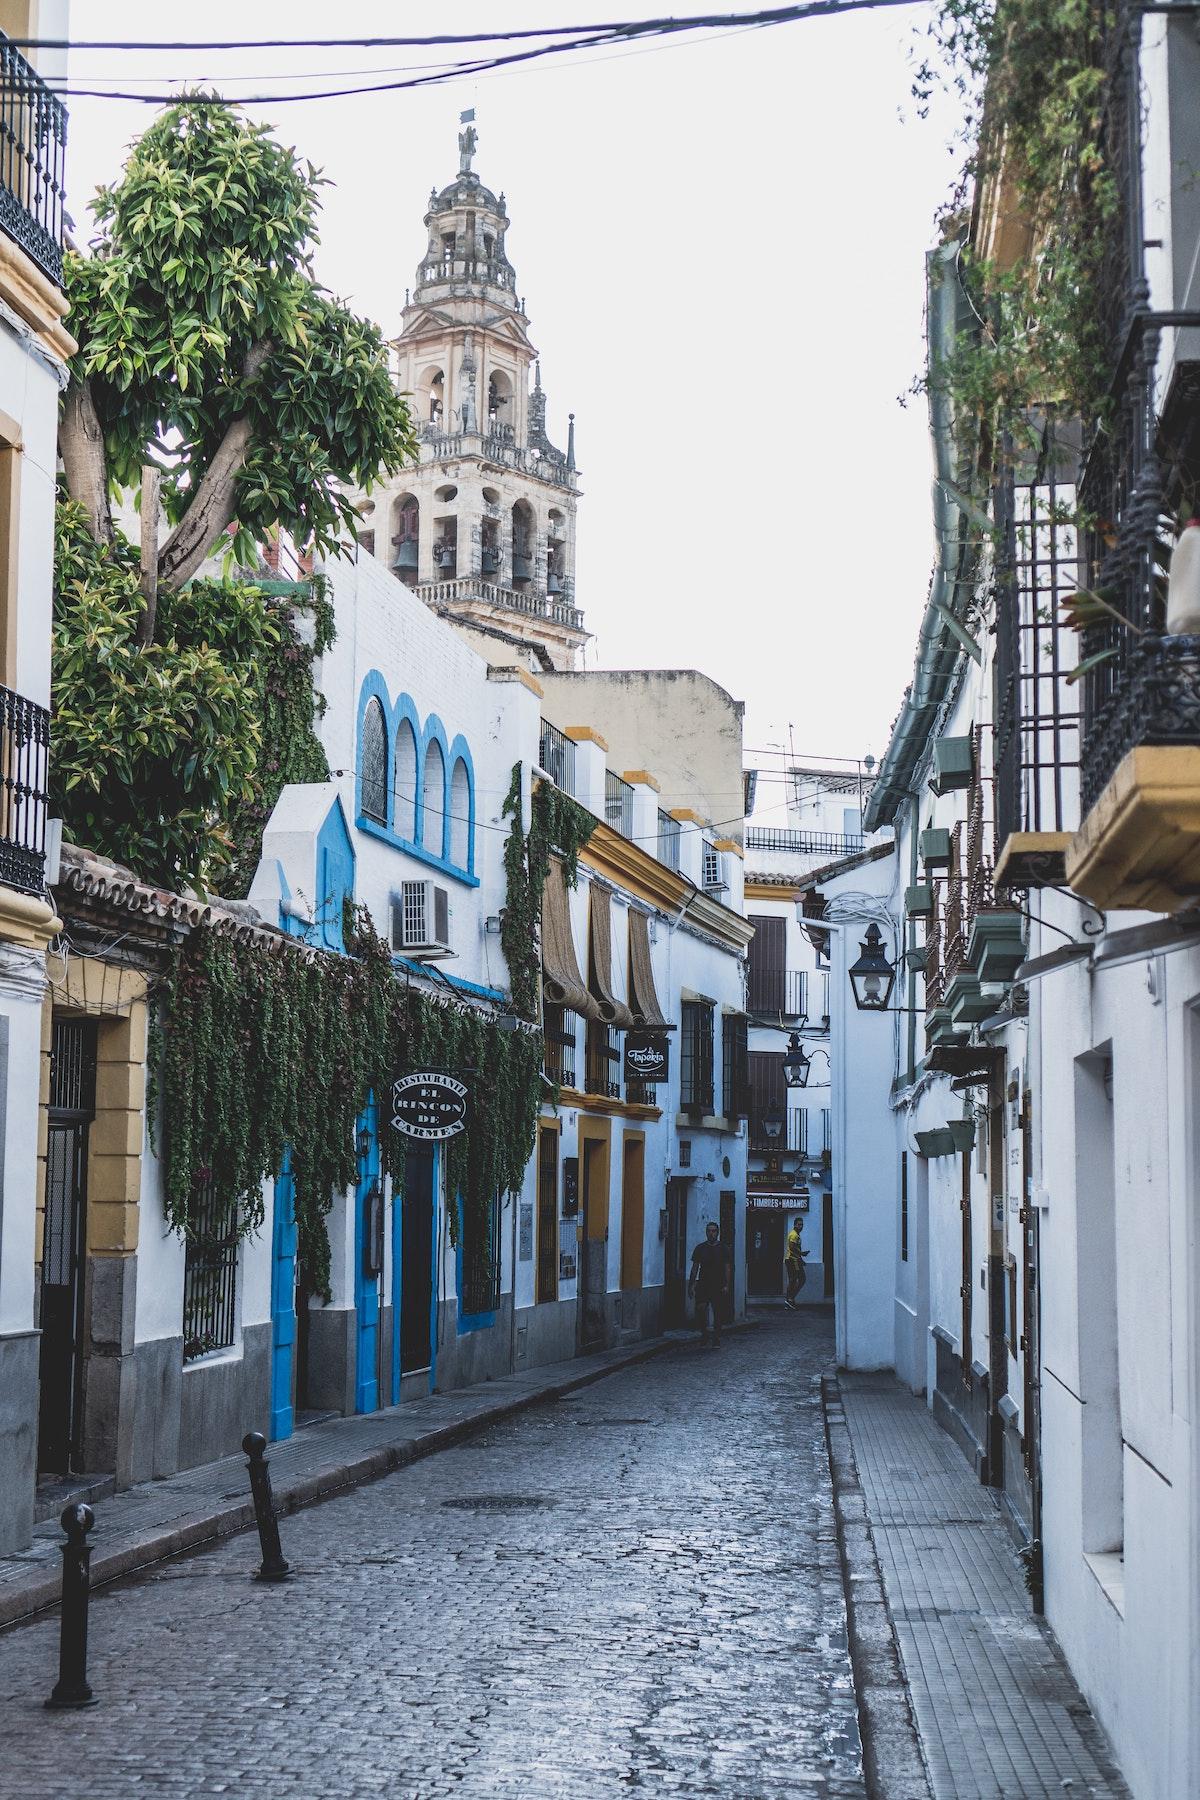 Calle adoquinada entre edificios blancos con una torre de catedral al fondo.